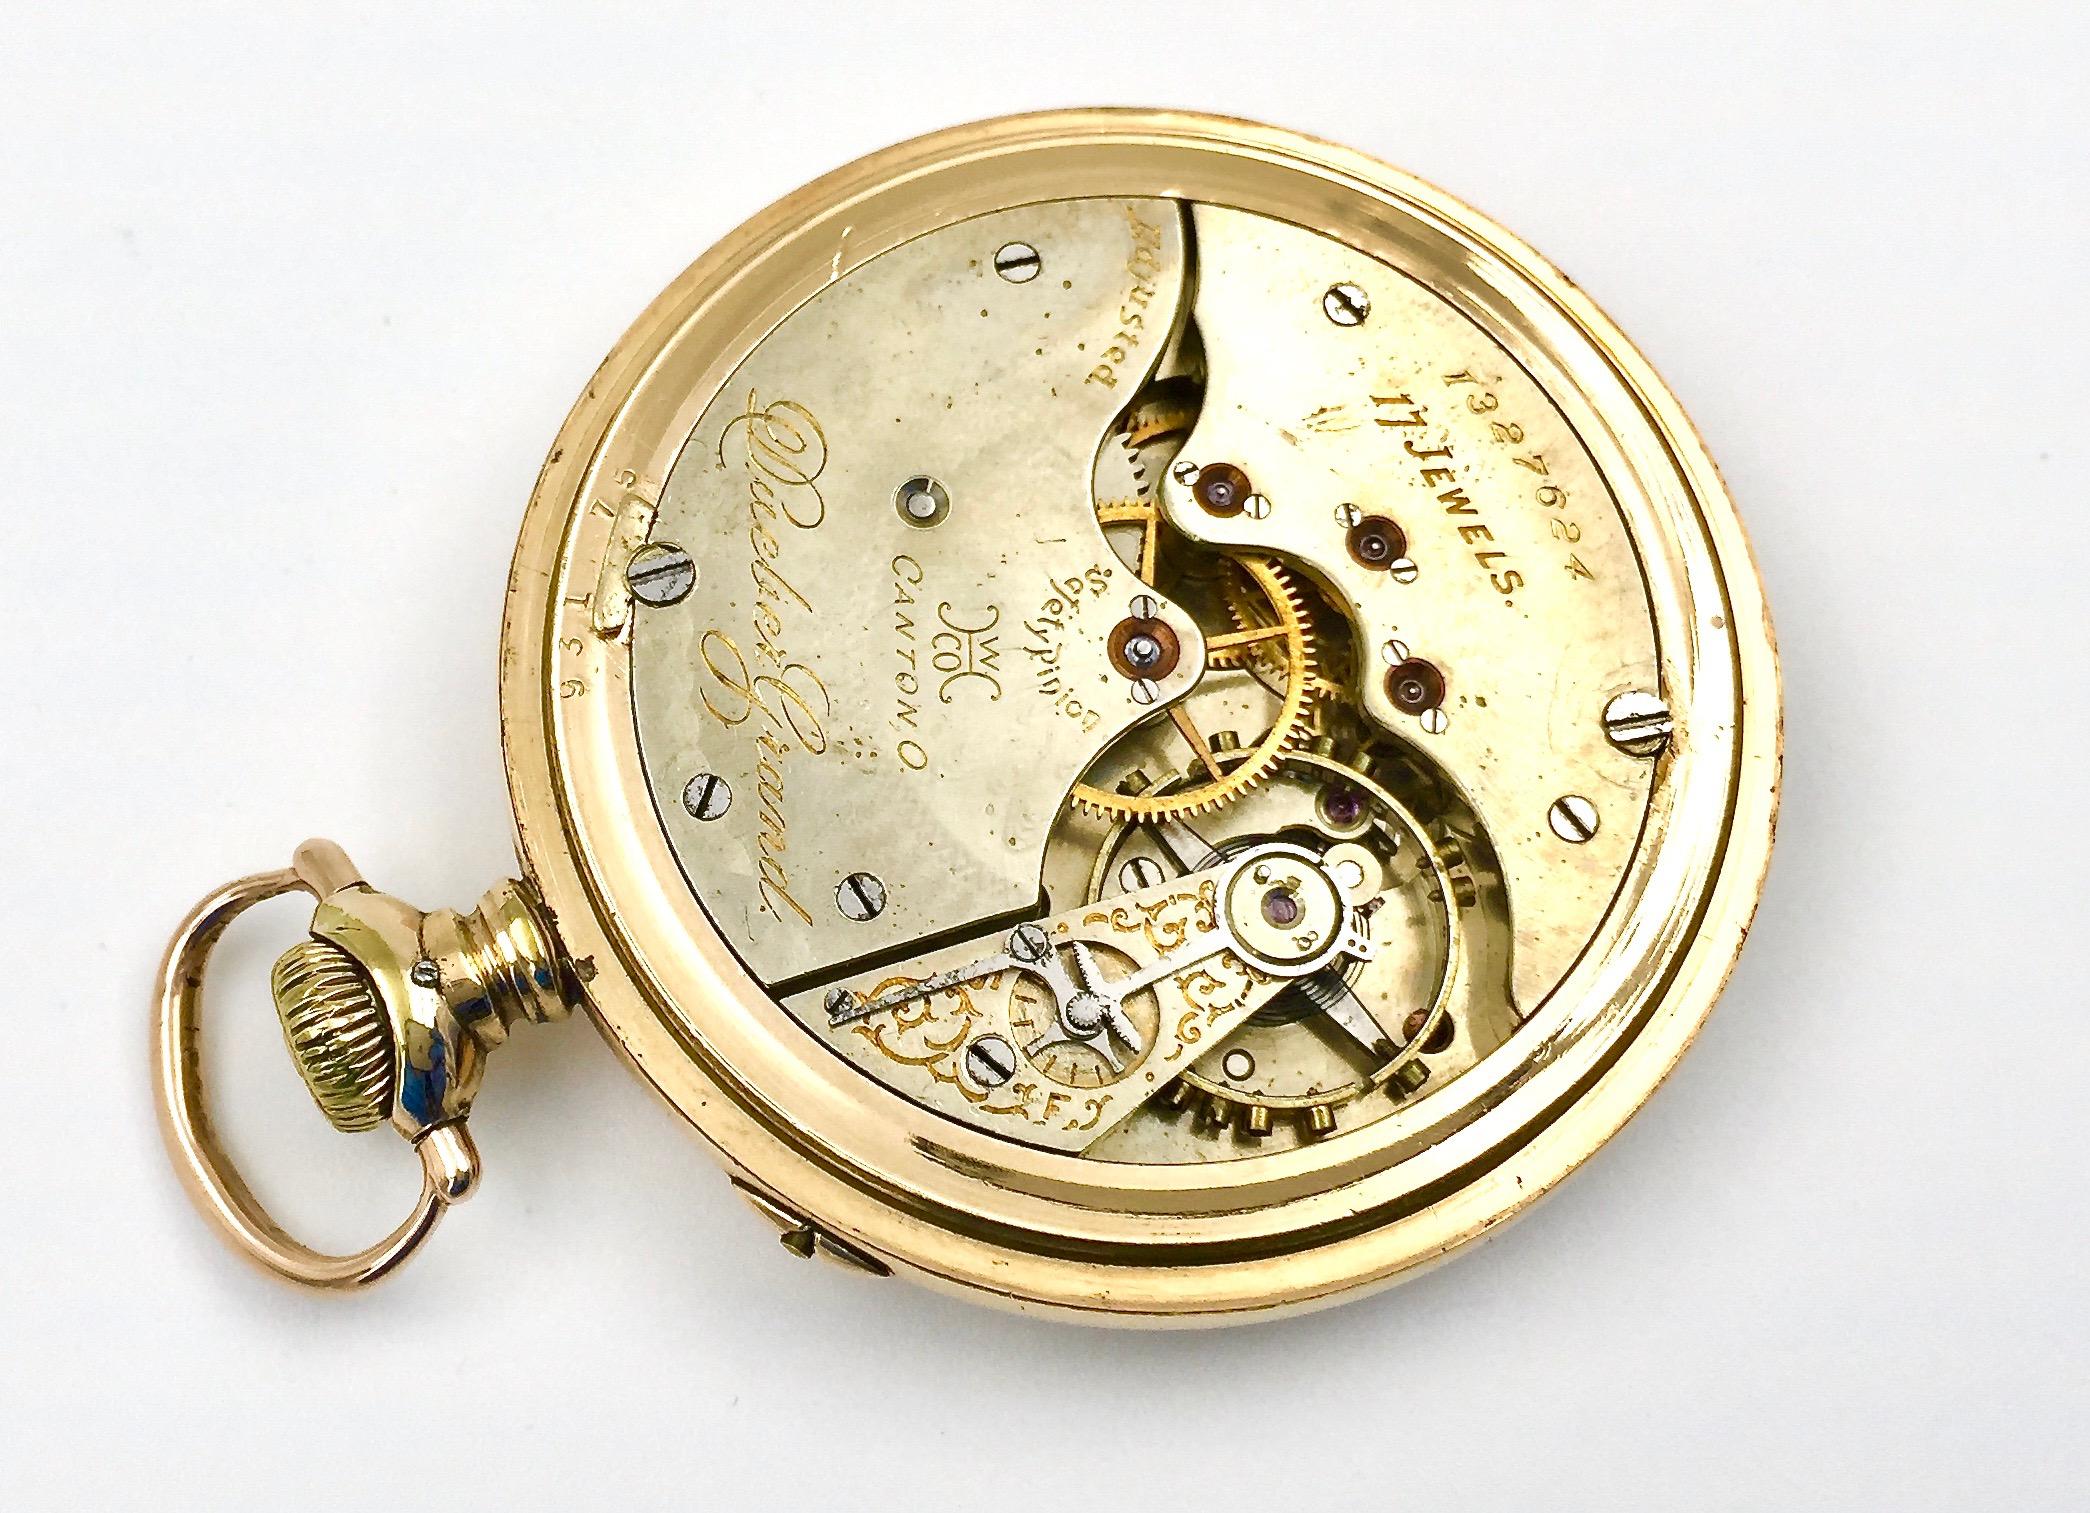 Dueber Pocket Watch Case Serial Number